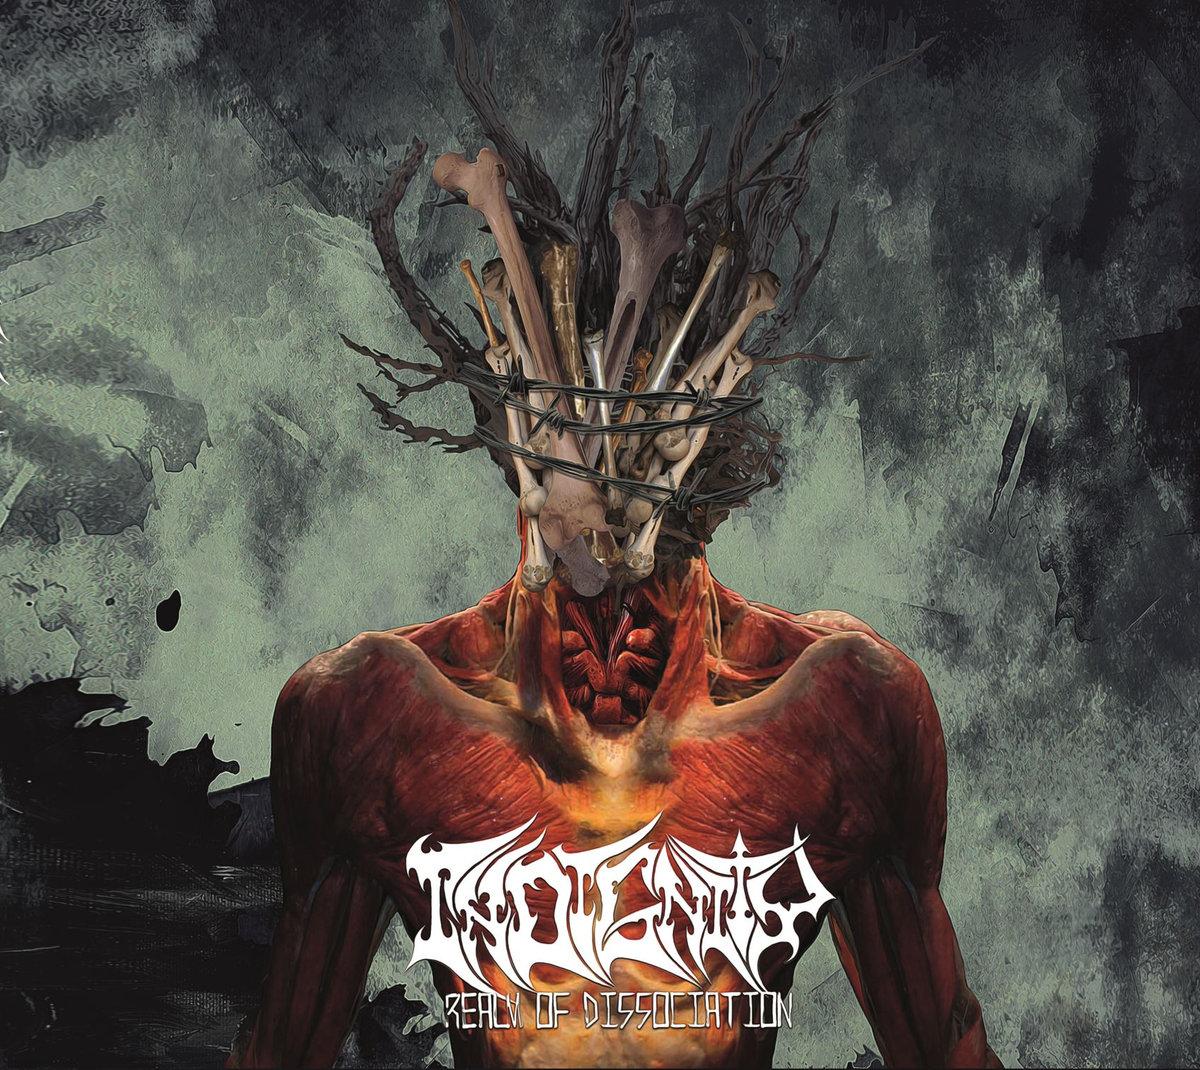 Nowy album Indignity do odsłuchu